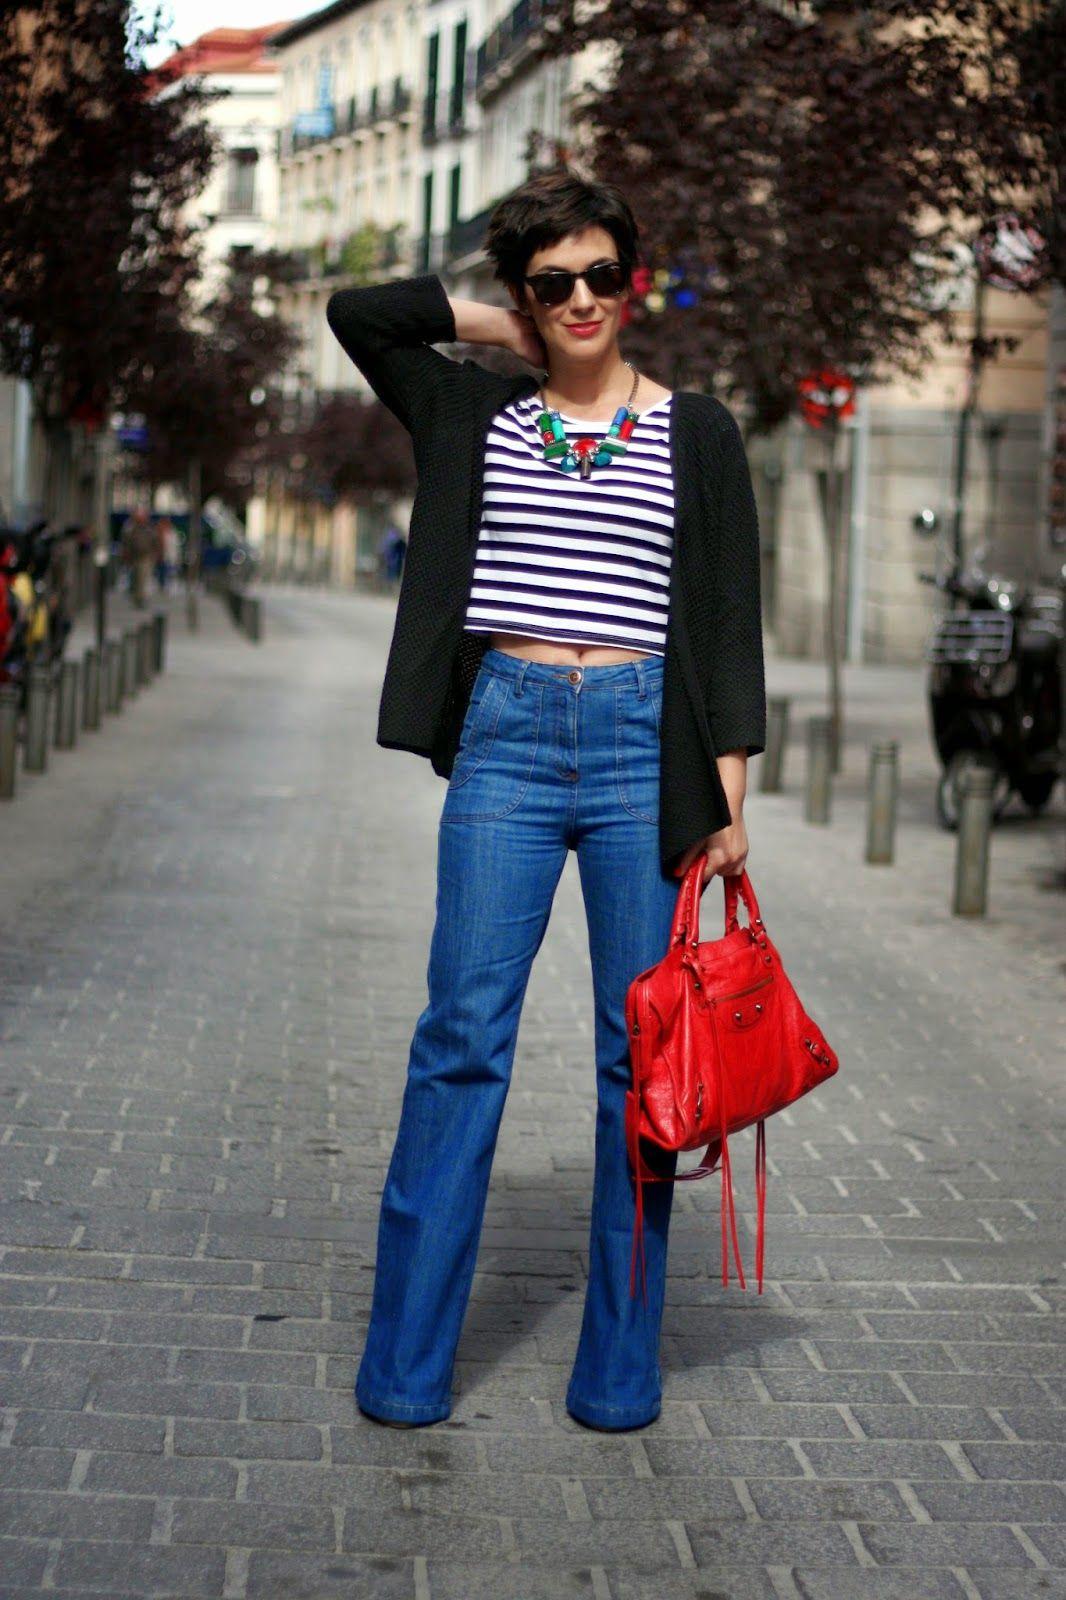 Flared+jeans+outfit+combinar+pantalon+campana+crop+top+rayas+bolso+Balenciaga+pelo+corto+pixie+cut+short+hair+streetstyle+ohmyblog+blogger+(...